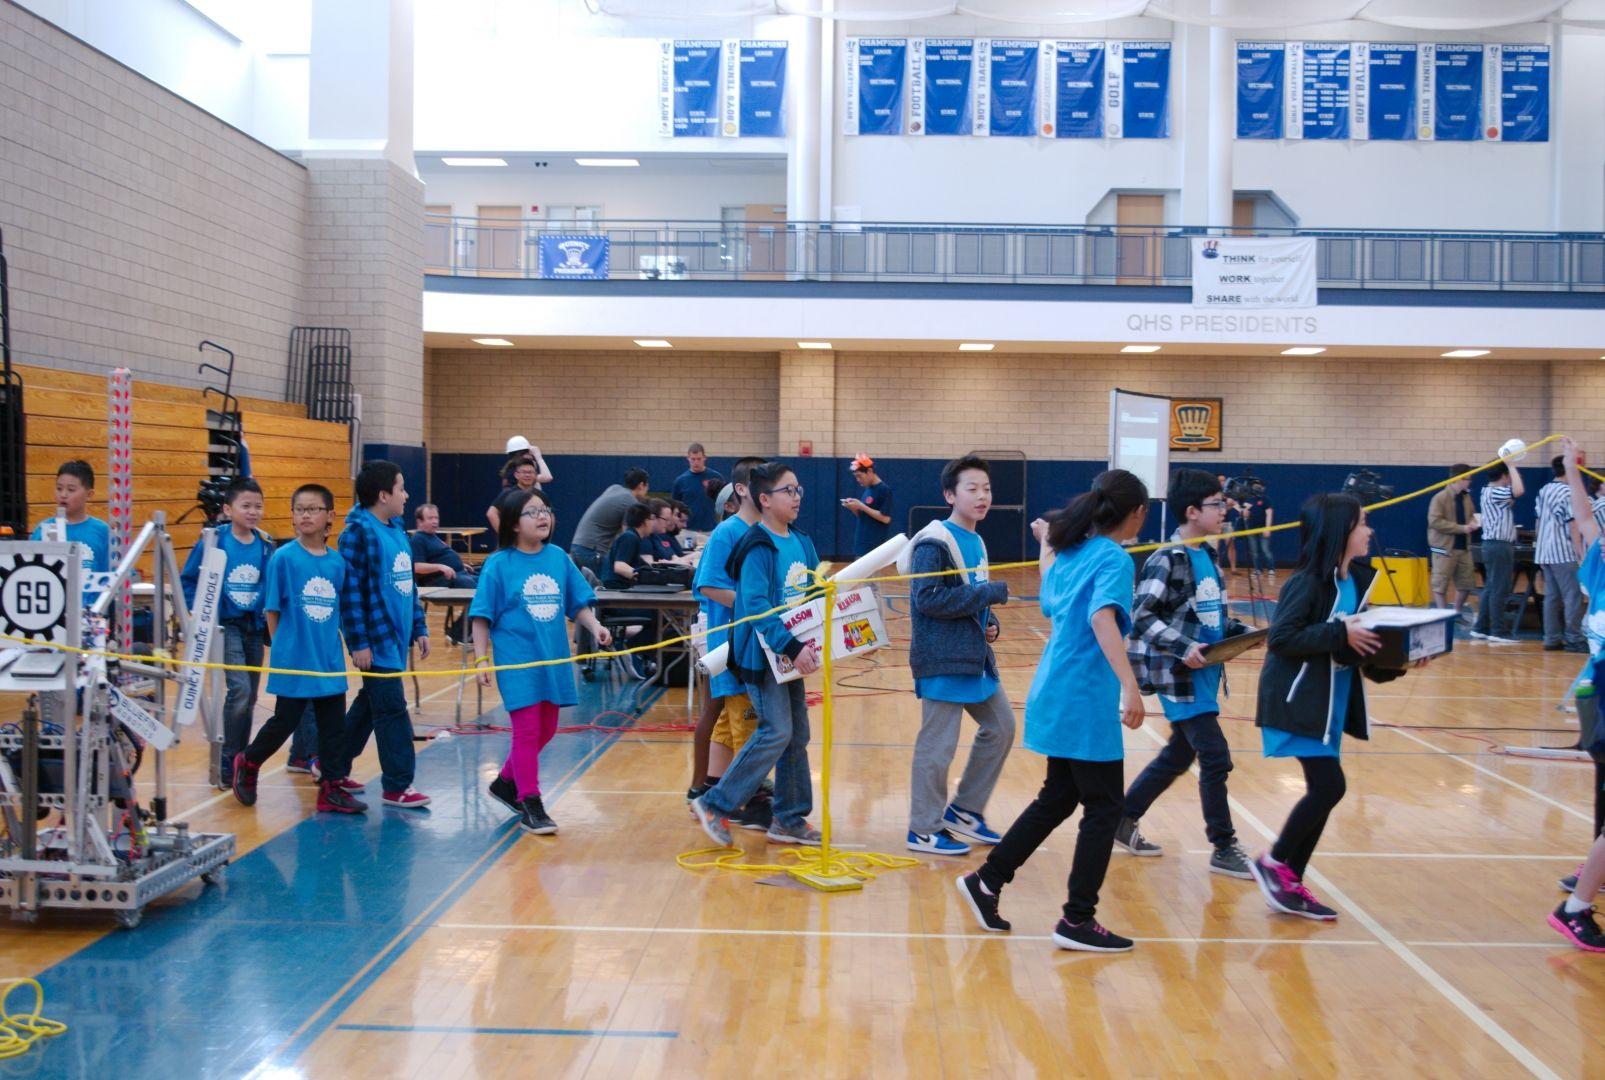 015.2017 Quincy Public Schools Robotics Challenge